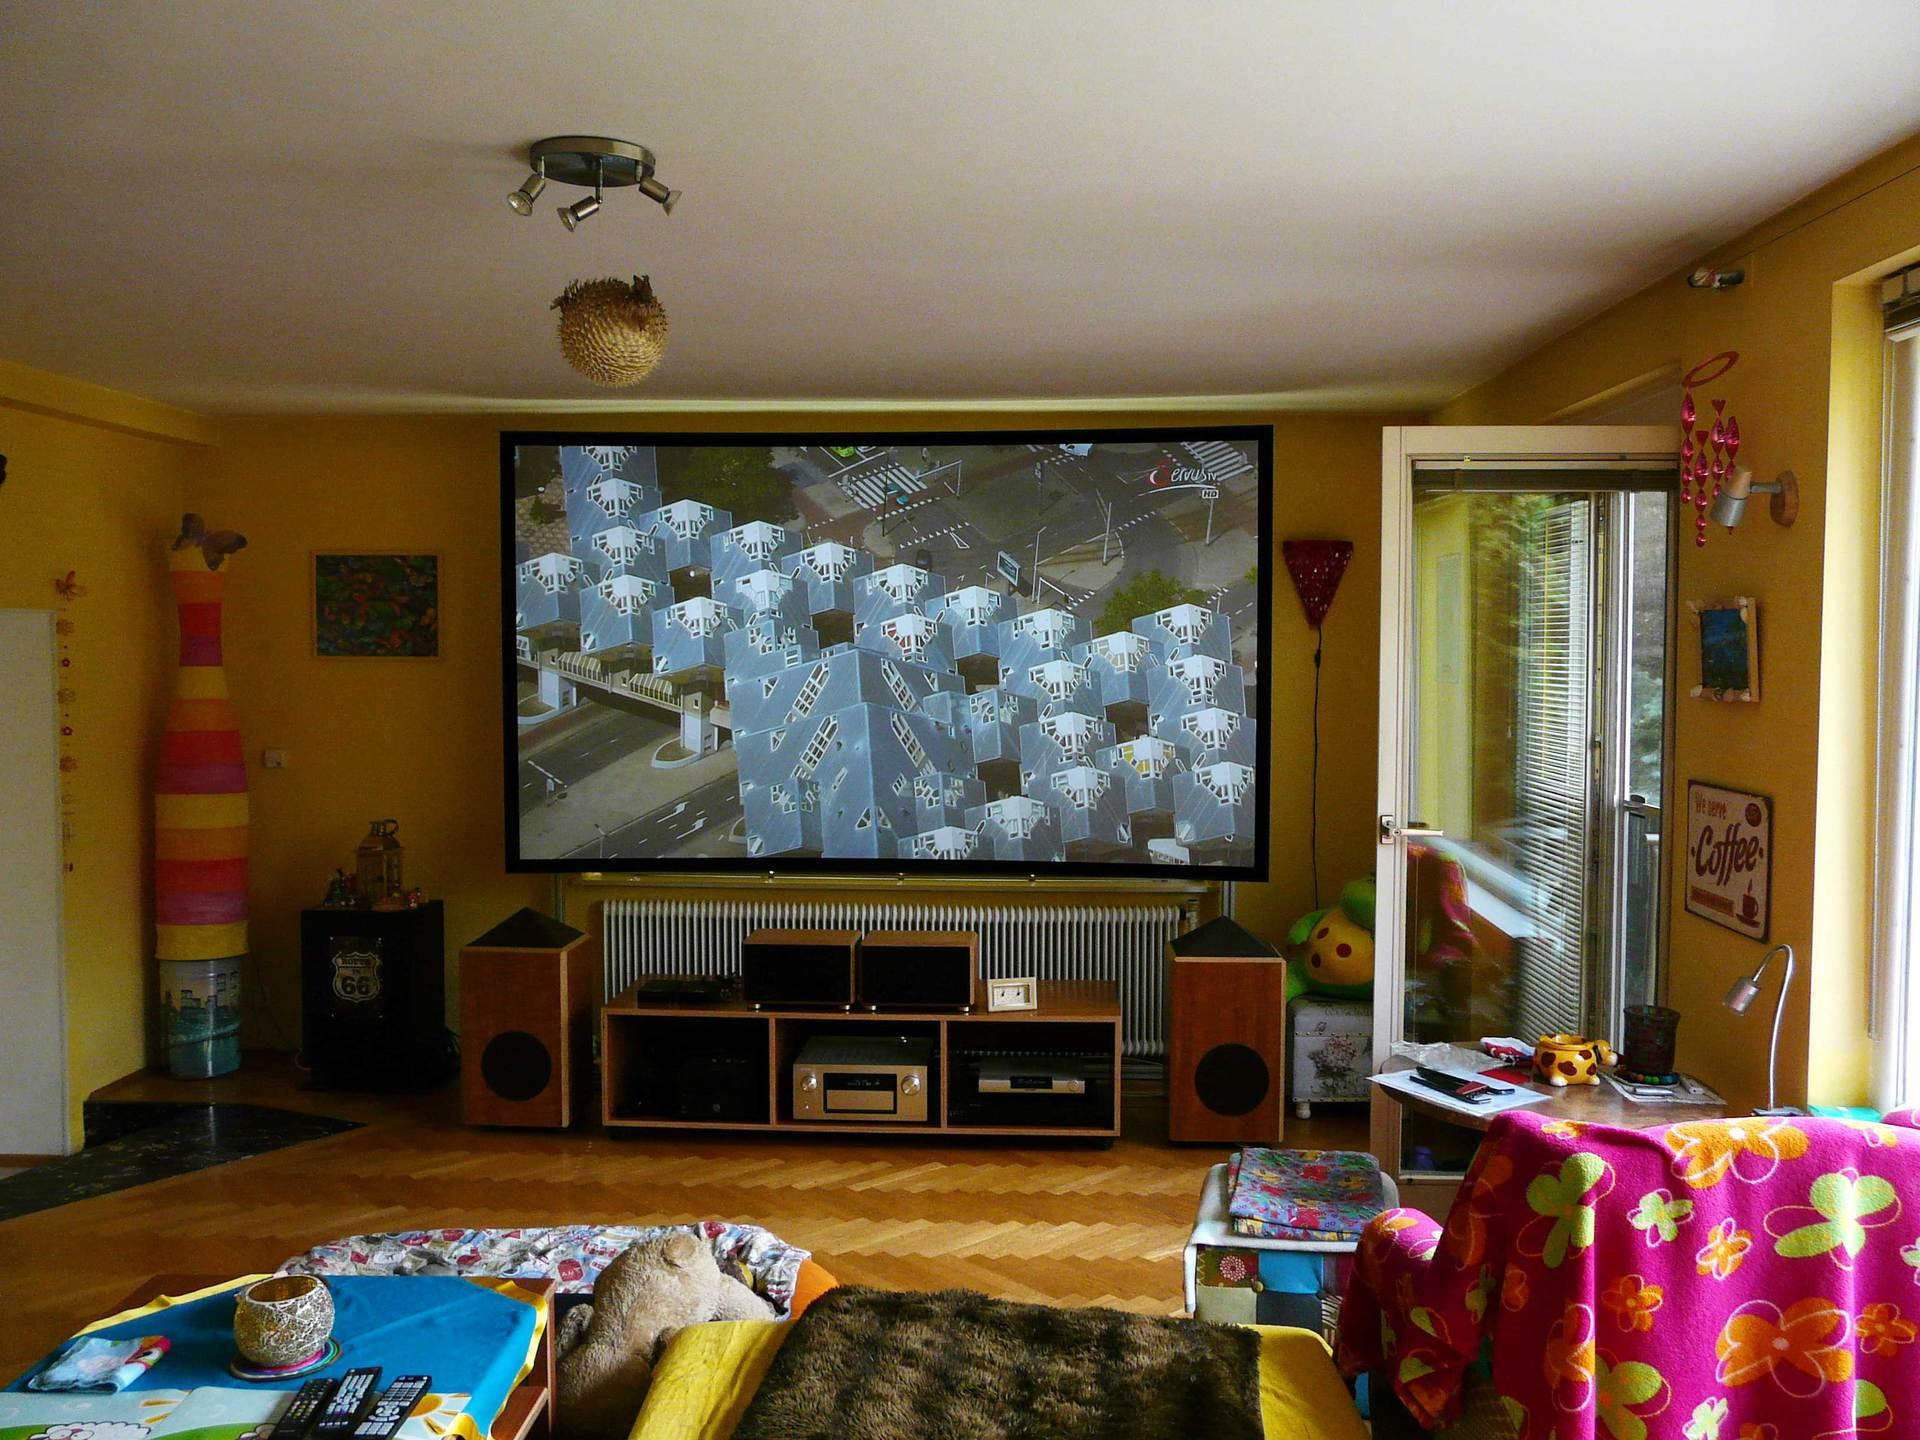 120 zoll 16 9 couchscreen leinwand in kombination mit einem epson eh ls10000 im wohnzimmermodus. Black Bedroom Furniture Sets. Home Design Ideas